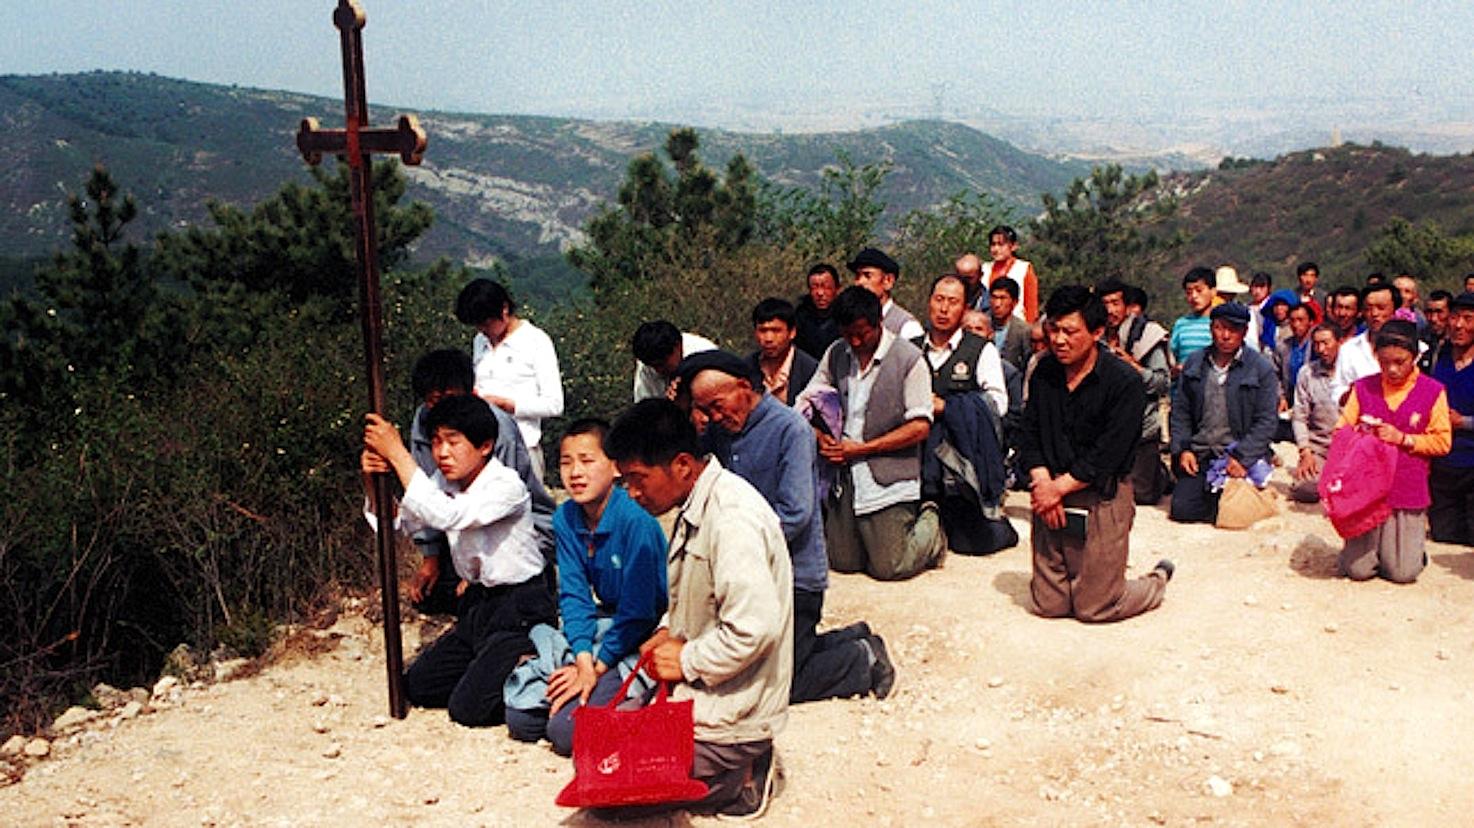 Cristianos perseguidos en China